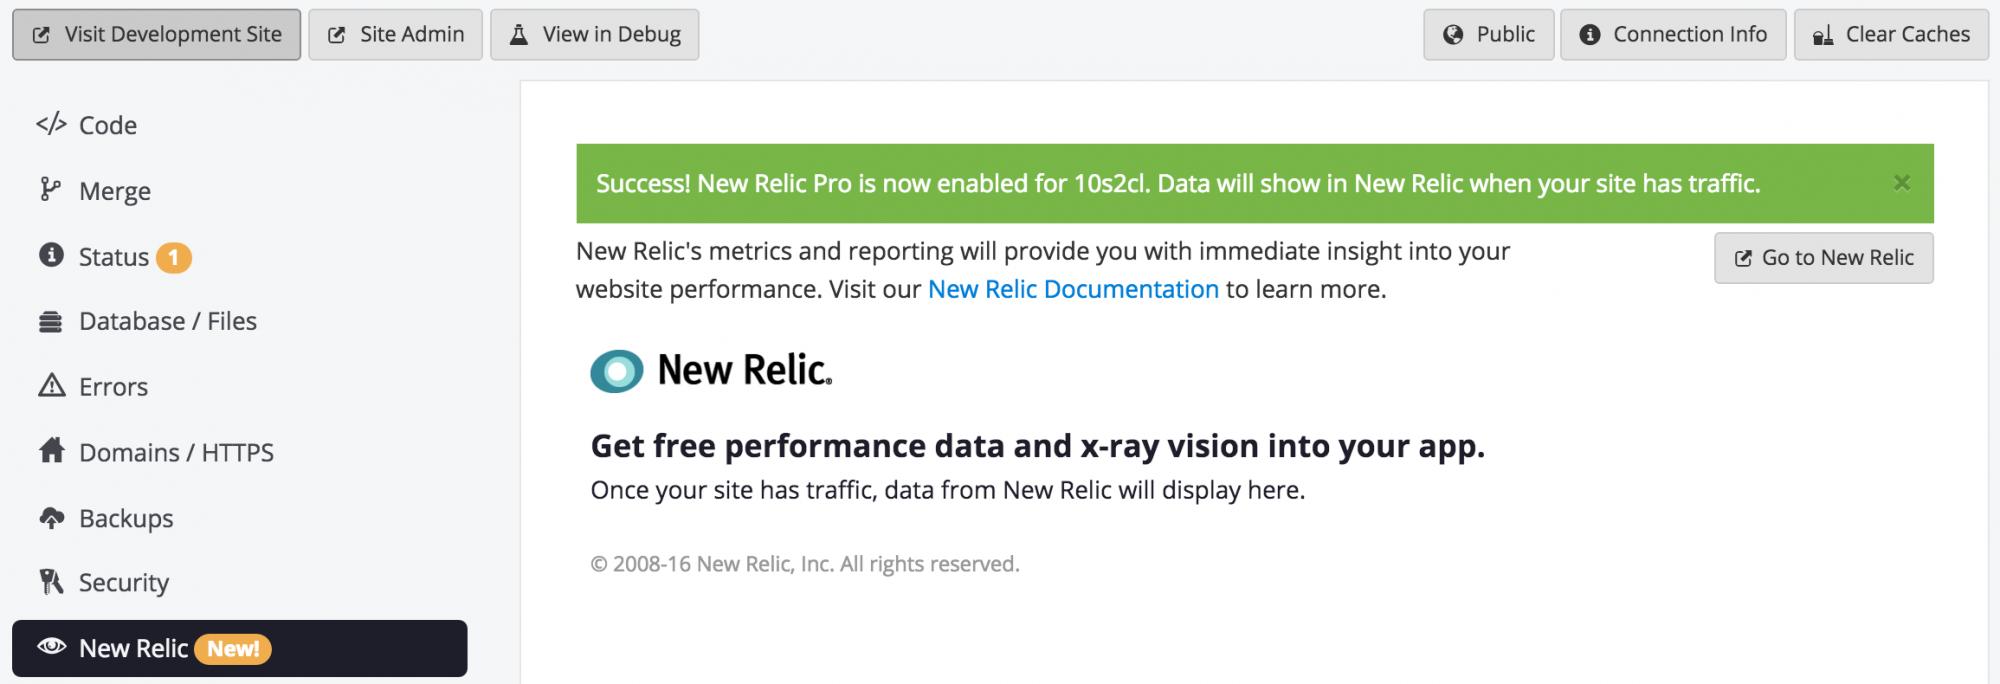 new relic inc